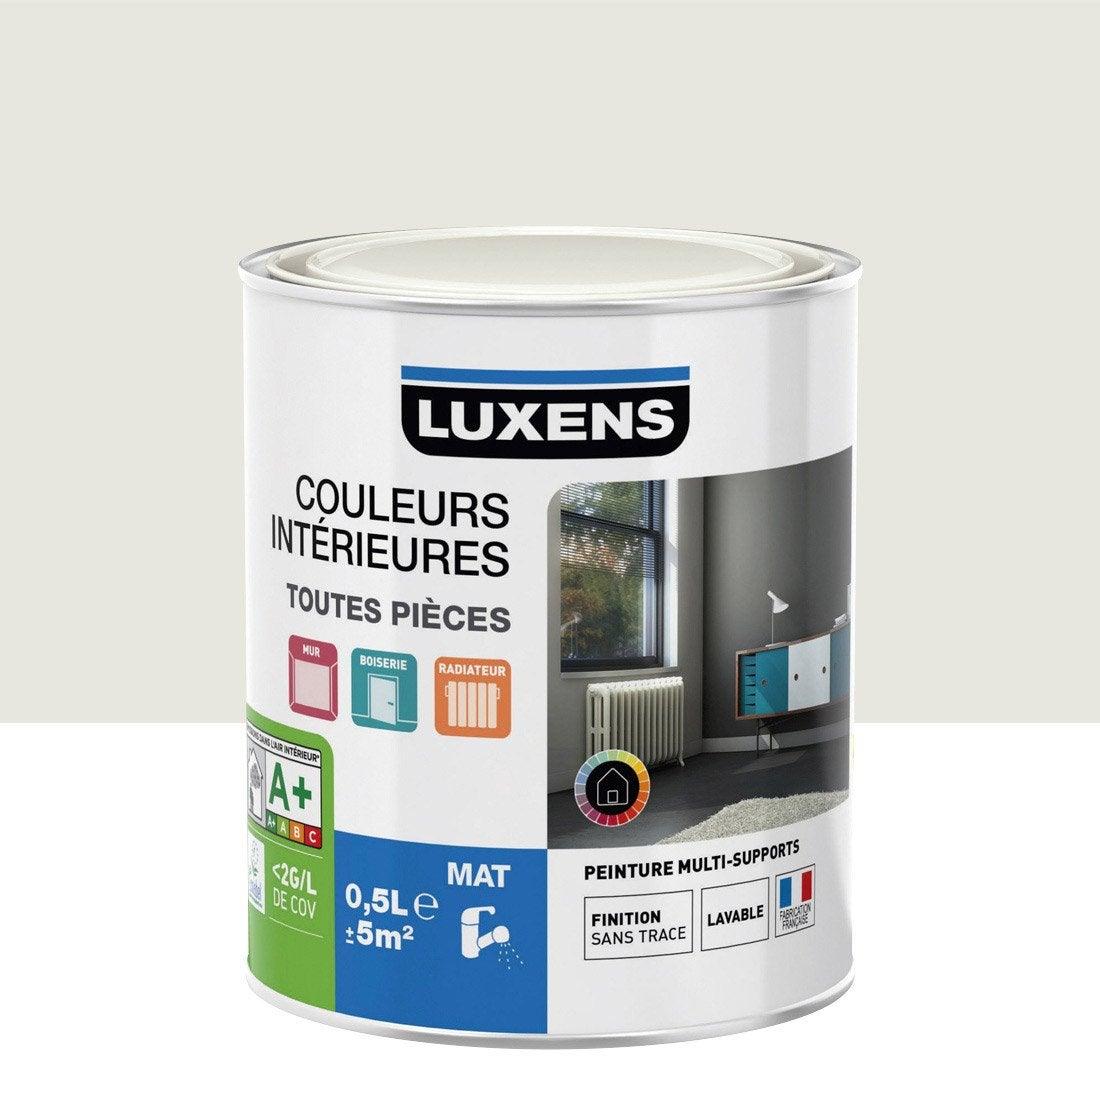 Peinture blanc calcaire 1 luxens couleurs int rieures mat 0 5 l leroy merlin for Peintures interieures leroy merlin